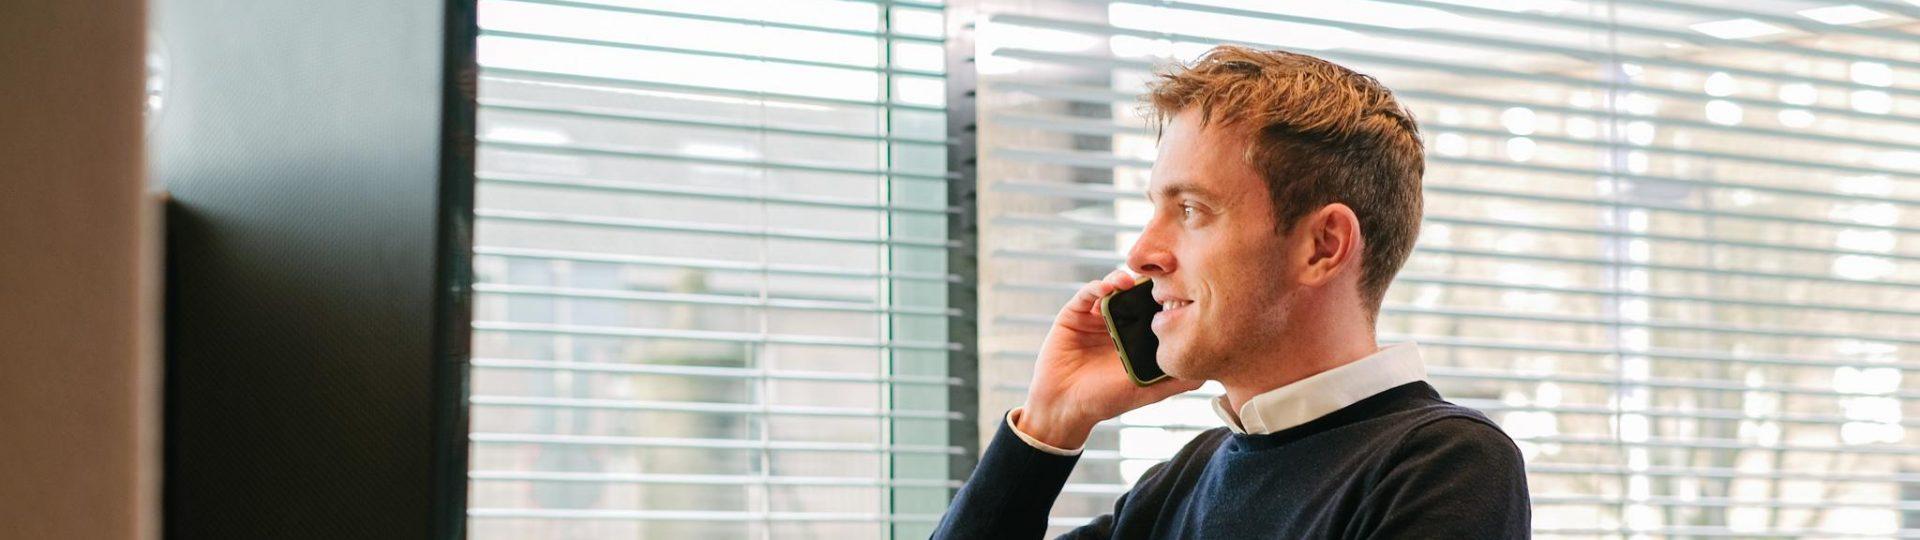 Heb je vragen voor een adviseur merken en modellen?